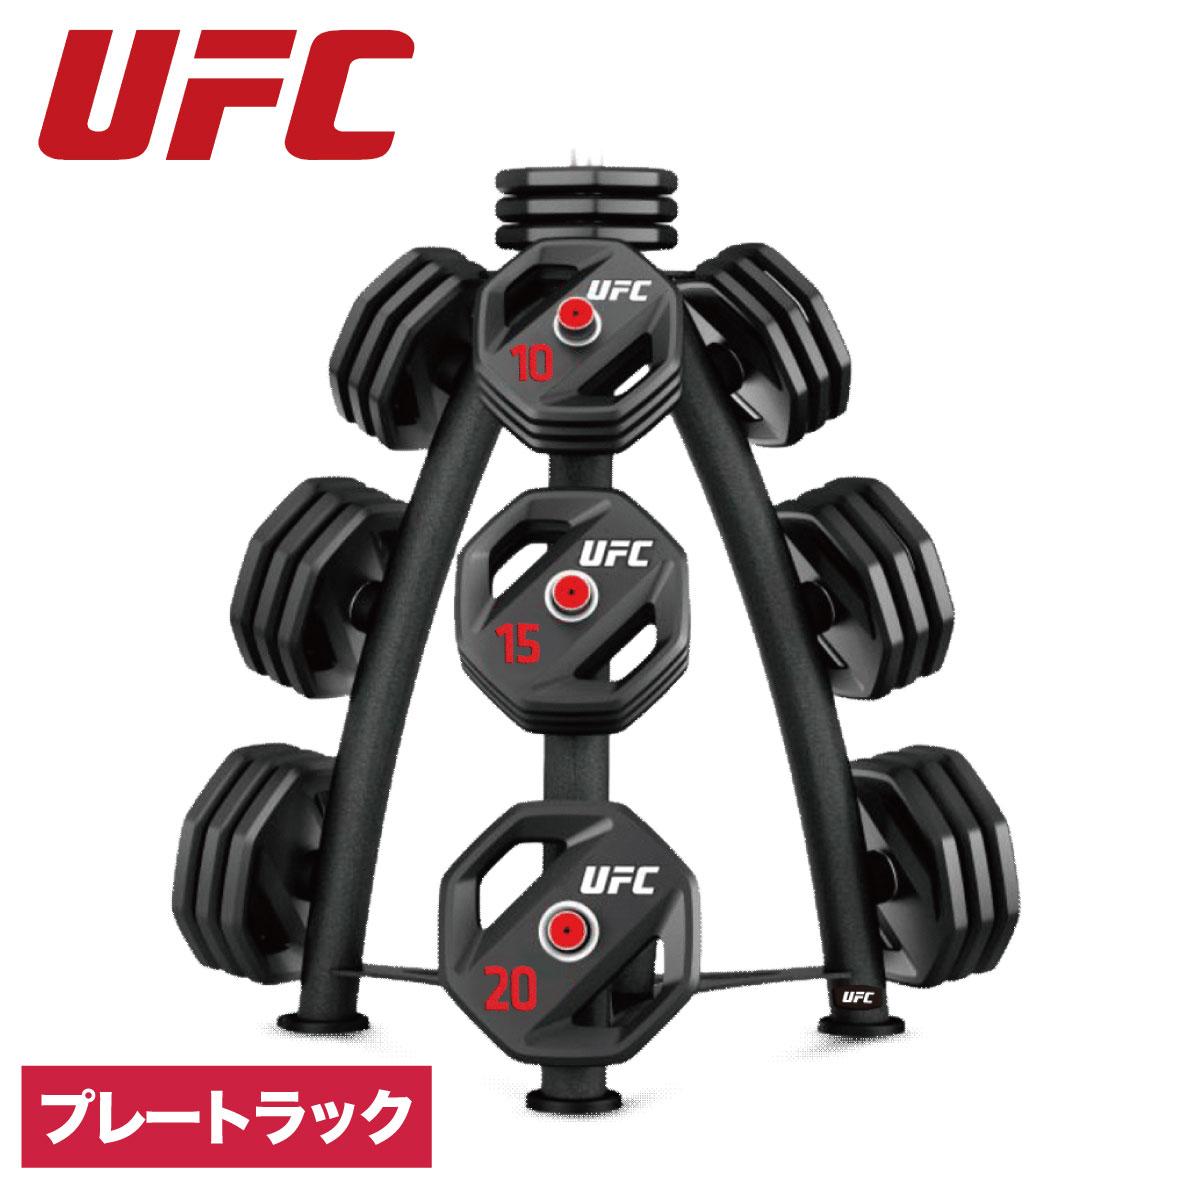 プレートラック/ディスクホルダー(UFC-DCTR-5202)〈業務用〉《総合格闘技UFCオフィシャル》